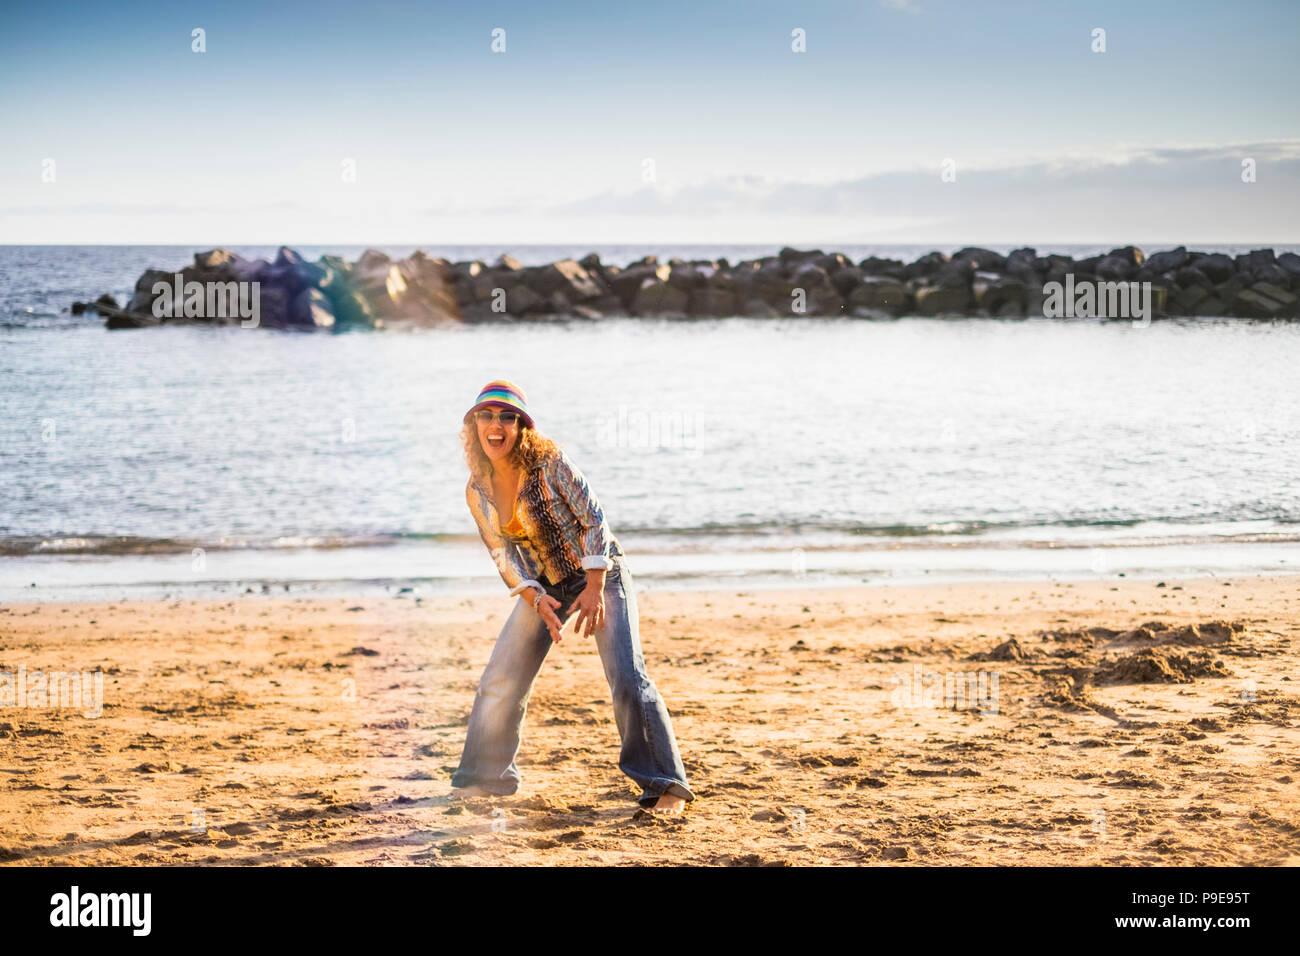 Felice libertà crazy medioevo donna salta sulla spiaggia per la felicità e per la vita joyfun vacanze outdoor estate oceano e concetto di spiaggia. La moda hippy cl Immagini Stock